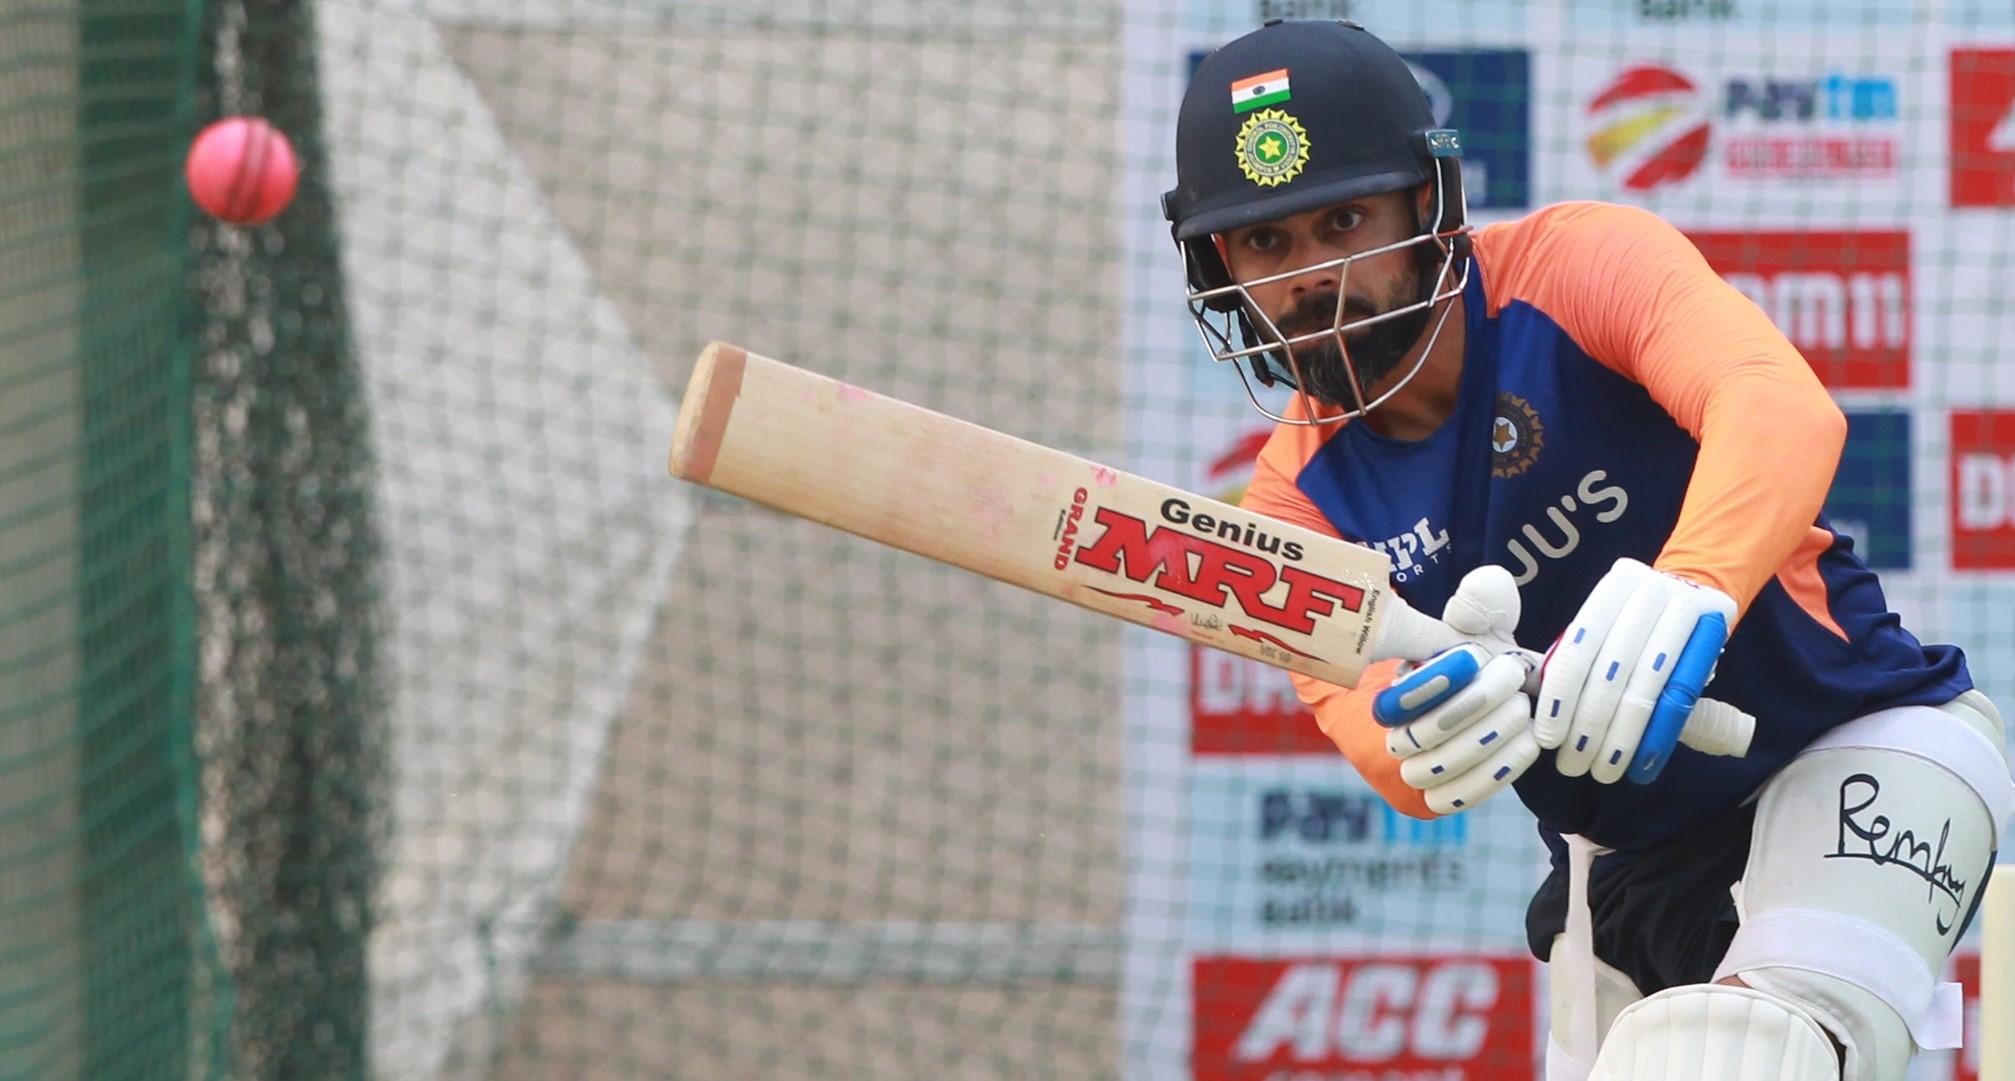 भारतासाठी अहमदाबाद कसोटीत विजय अत्यावश्यक